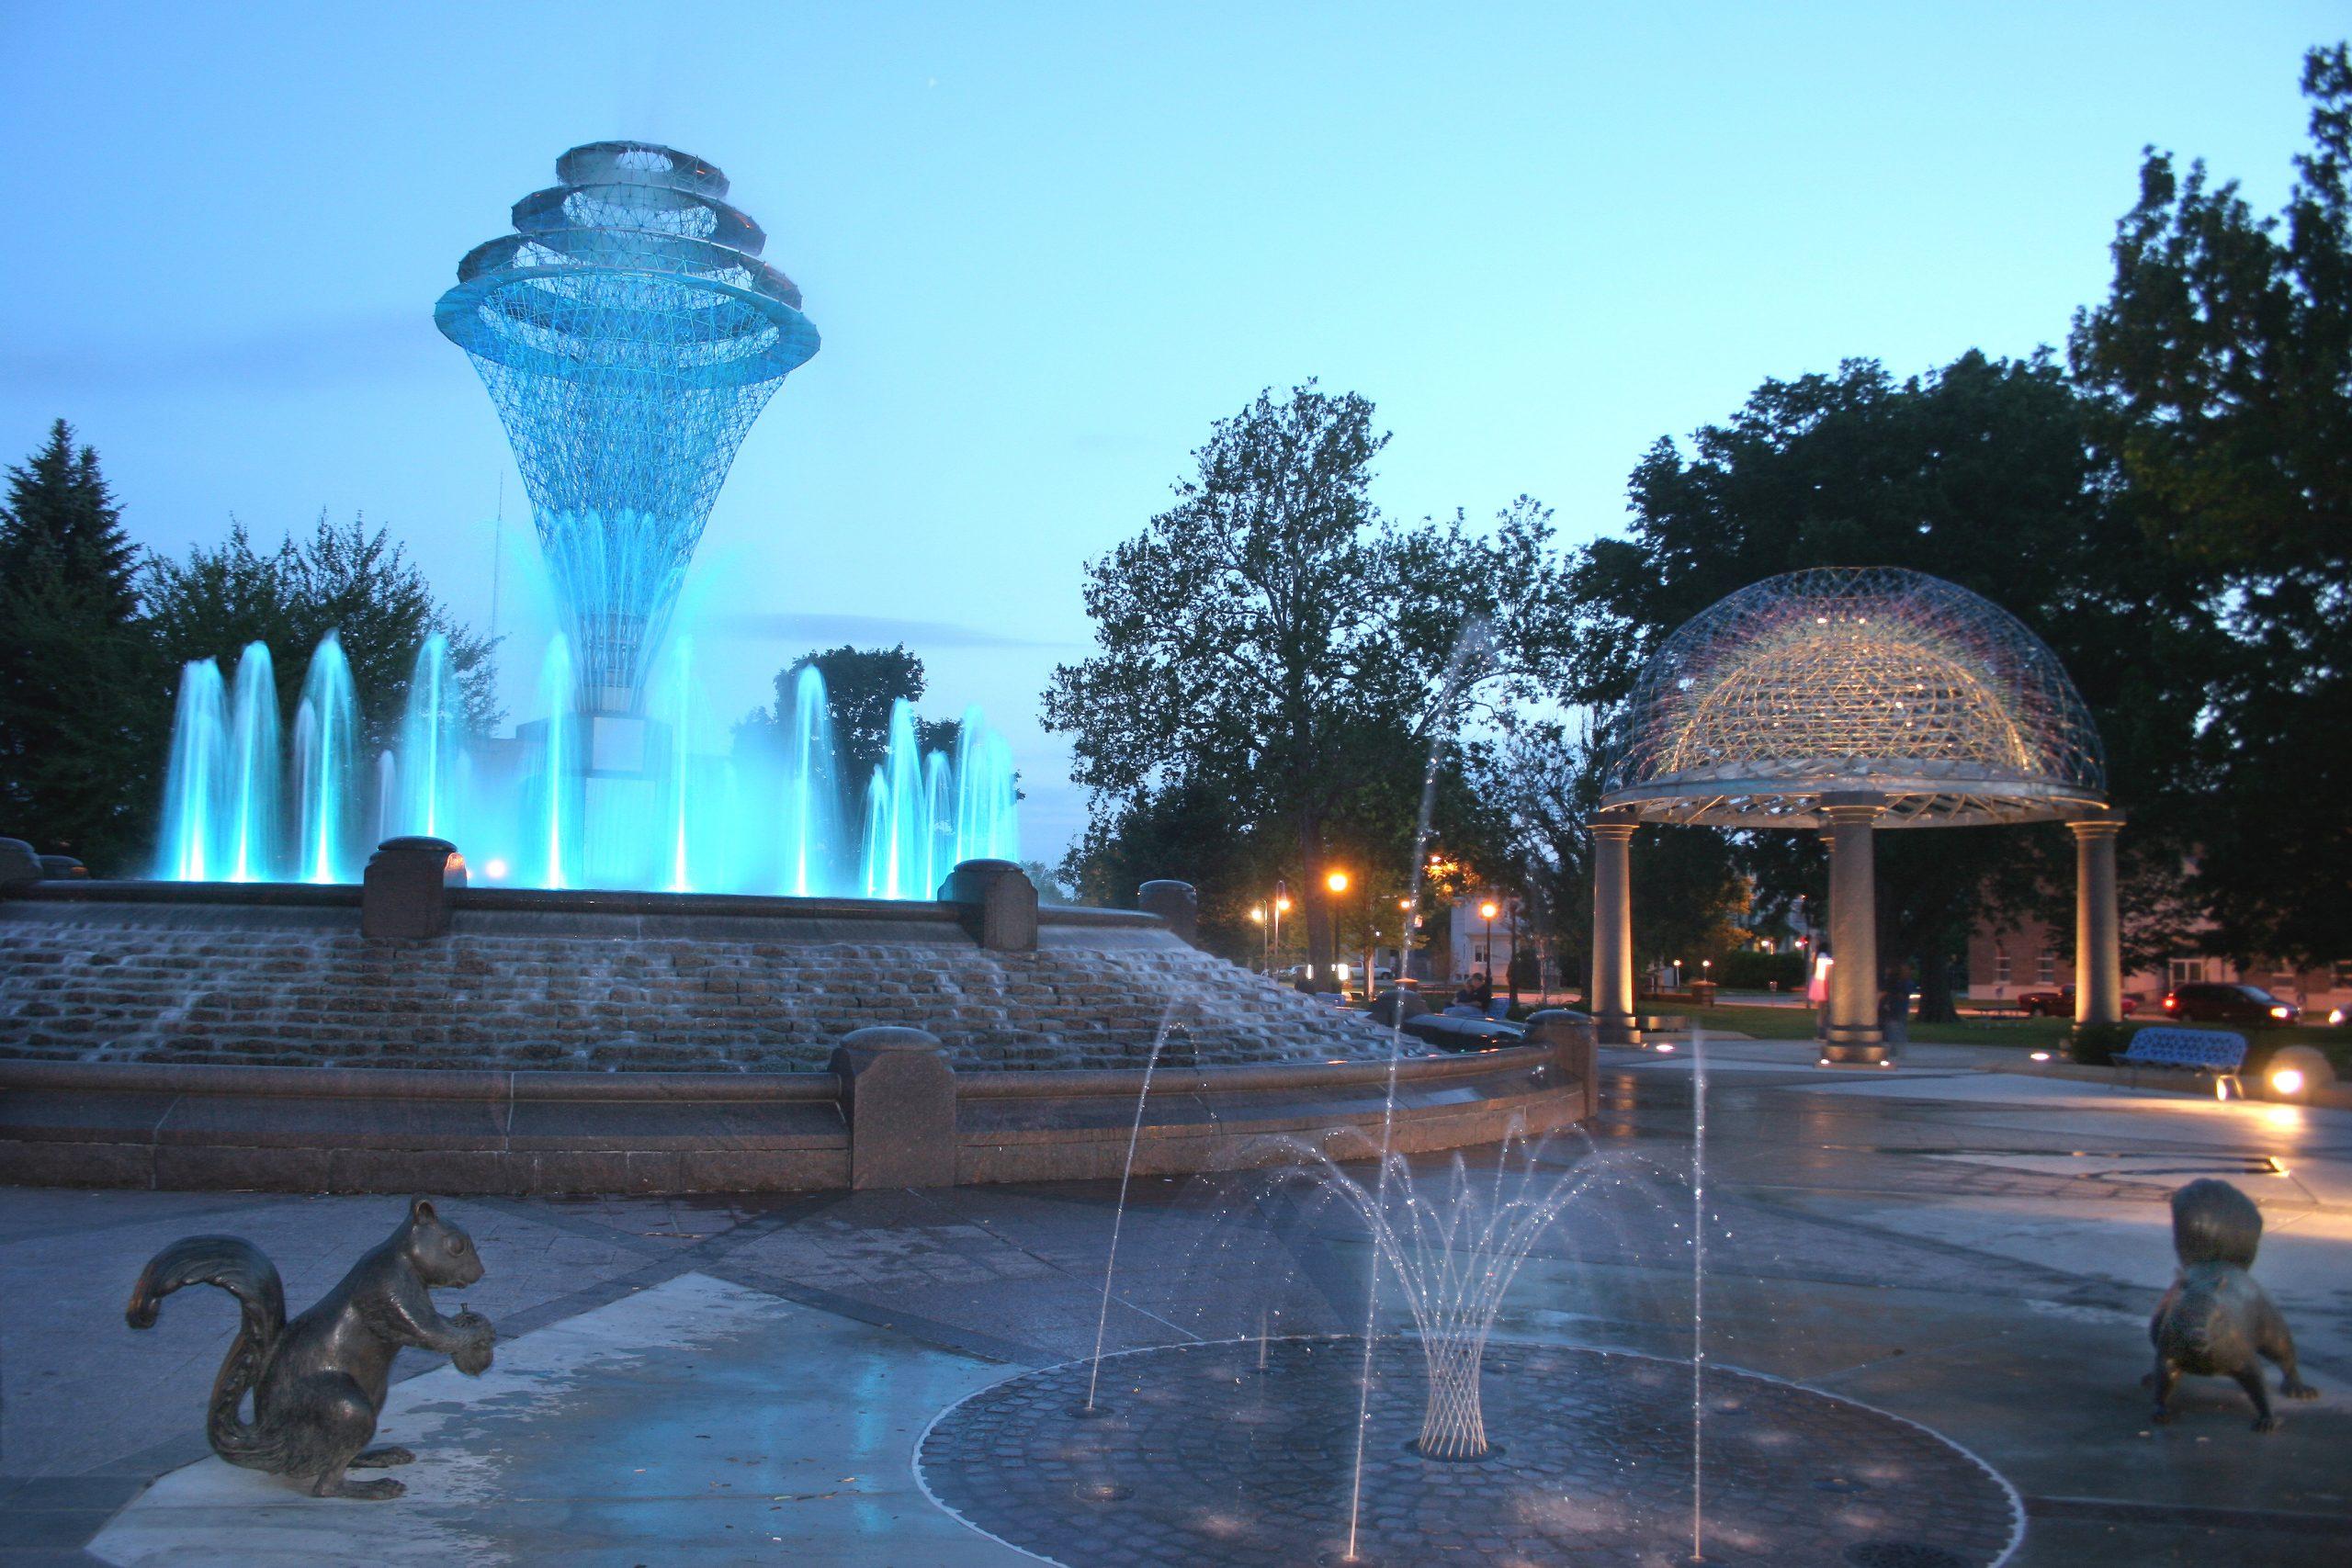 Bayliss Park